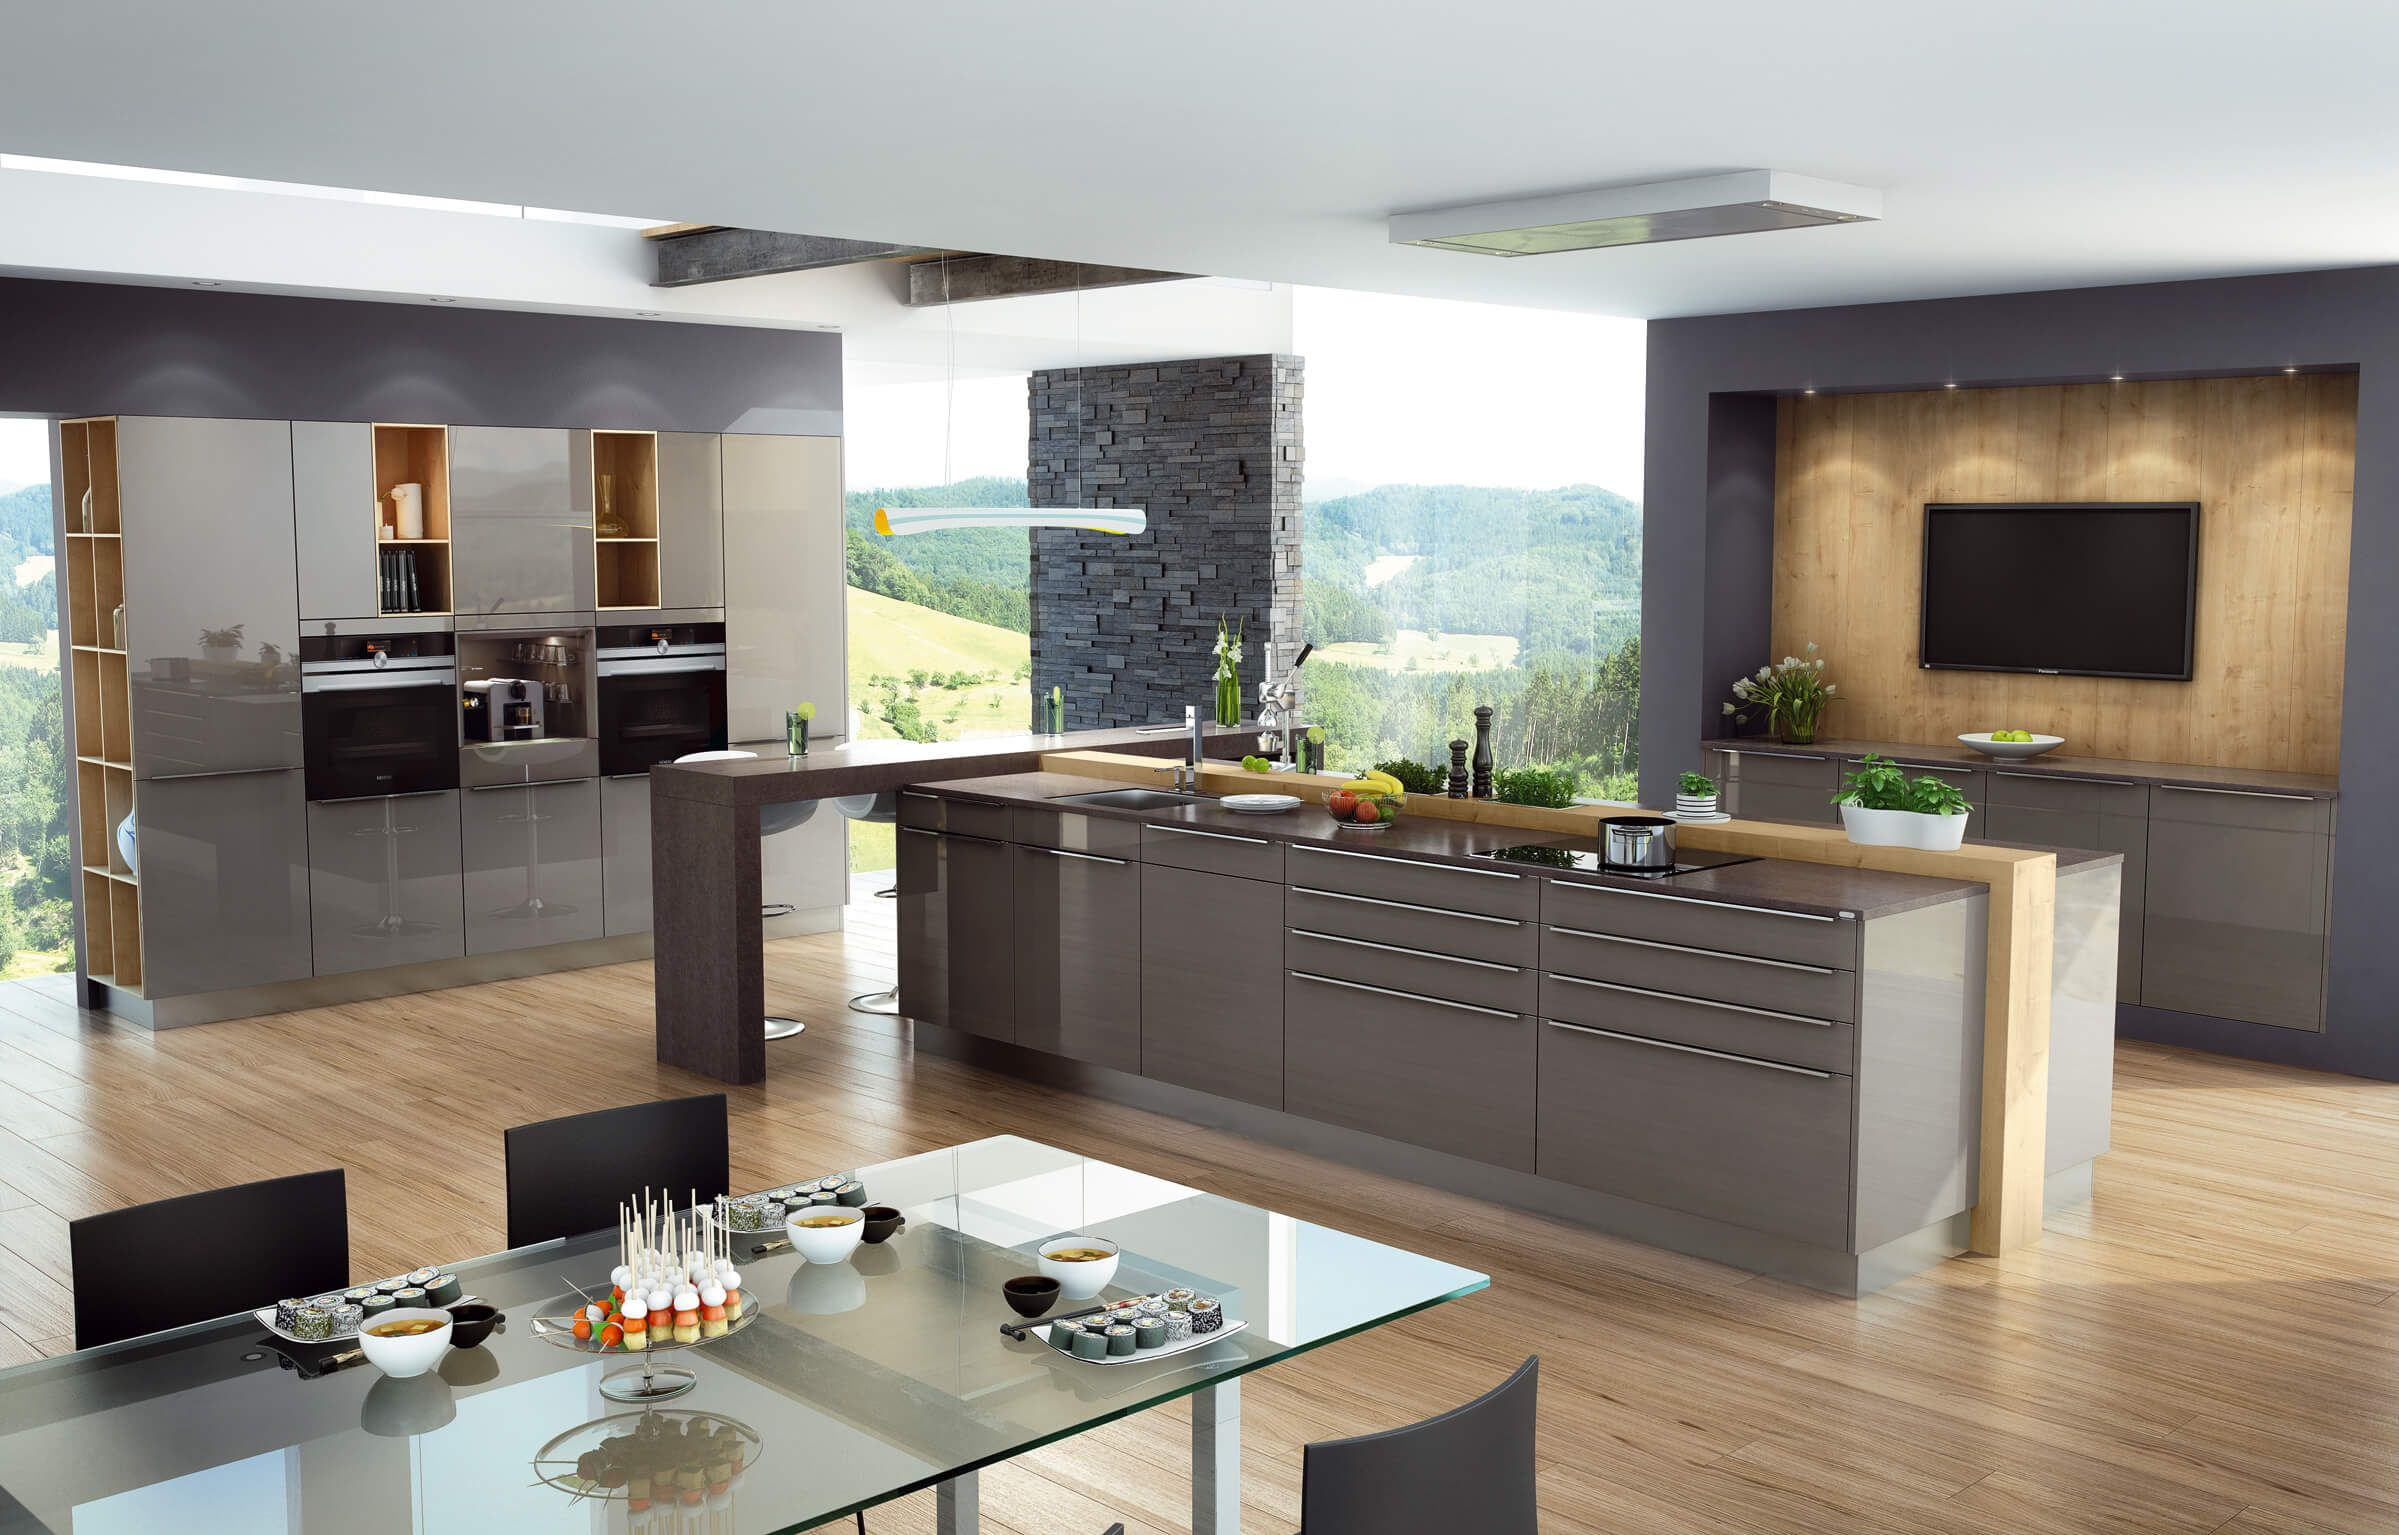 Kuche hochglanz grau fronten lack kuchenfronten for Lack für küchenfronten